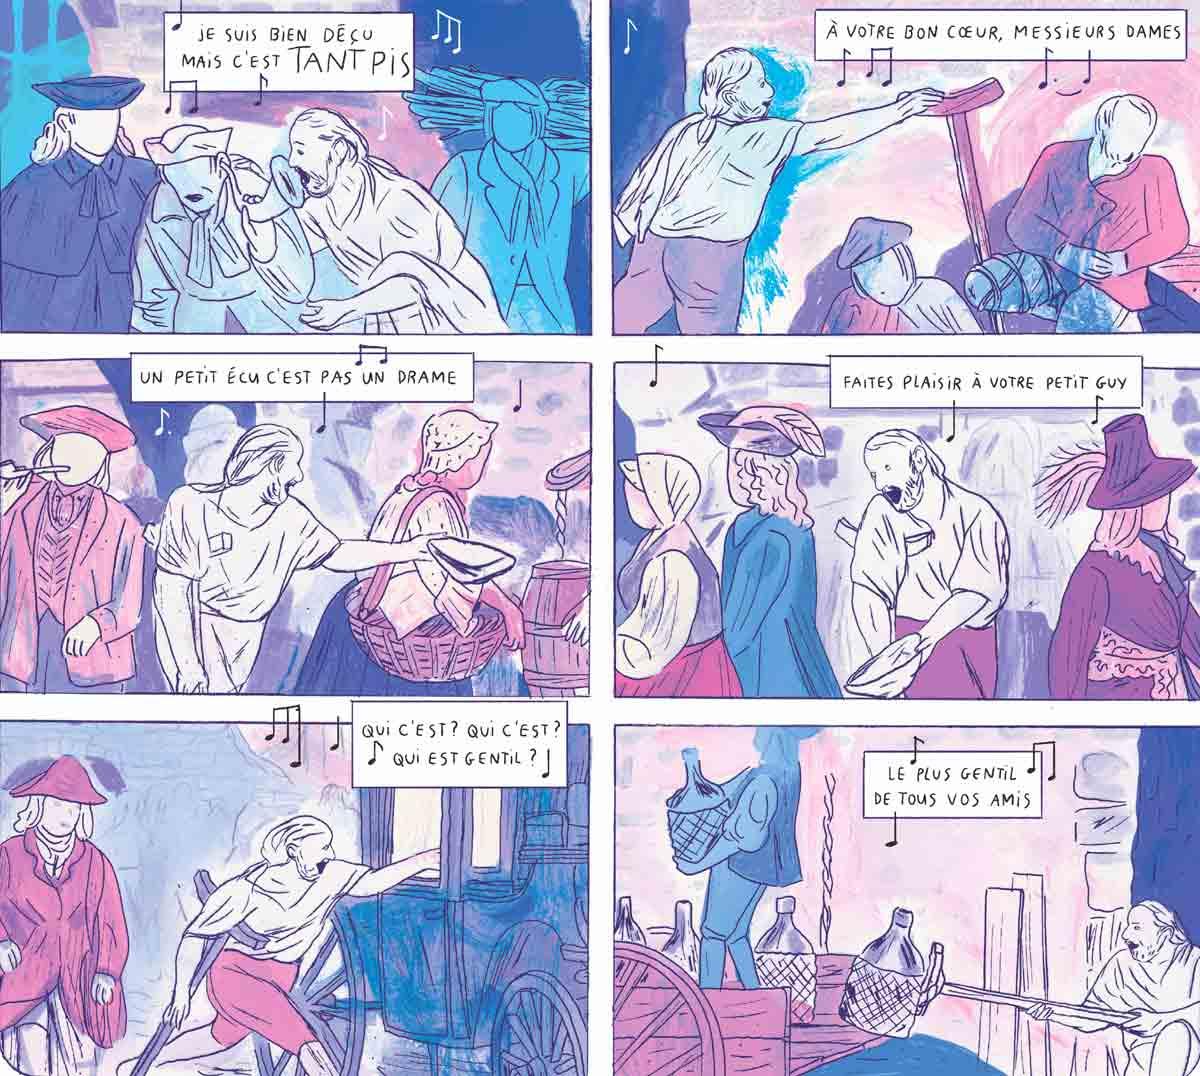 Golem-Comics-Guy-retrato-de-un-bebedor-rupper-mulot-03